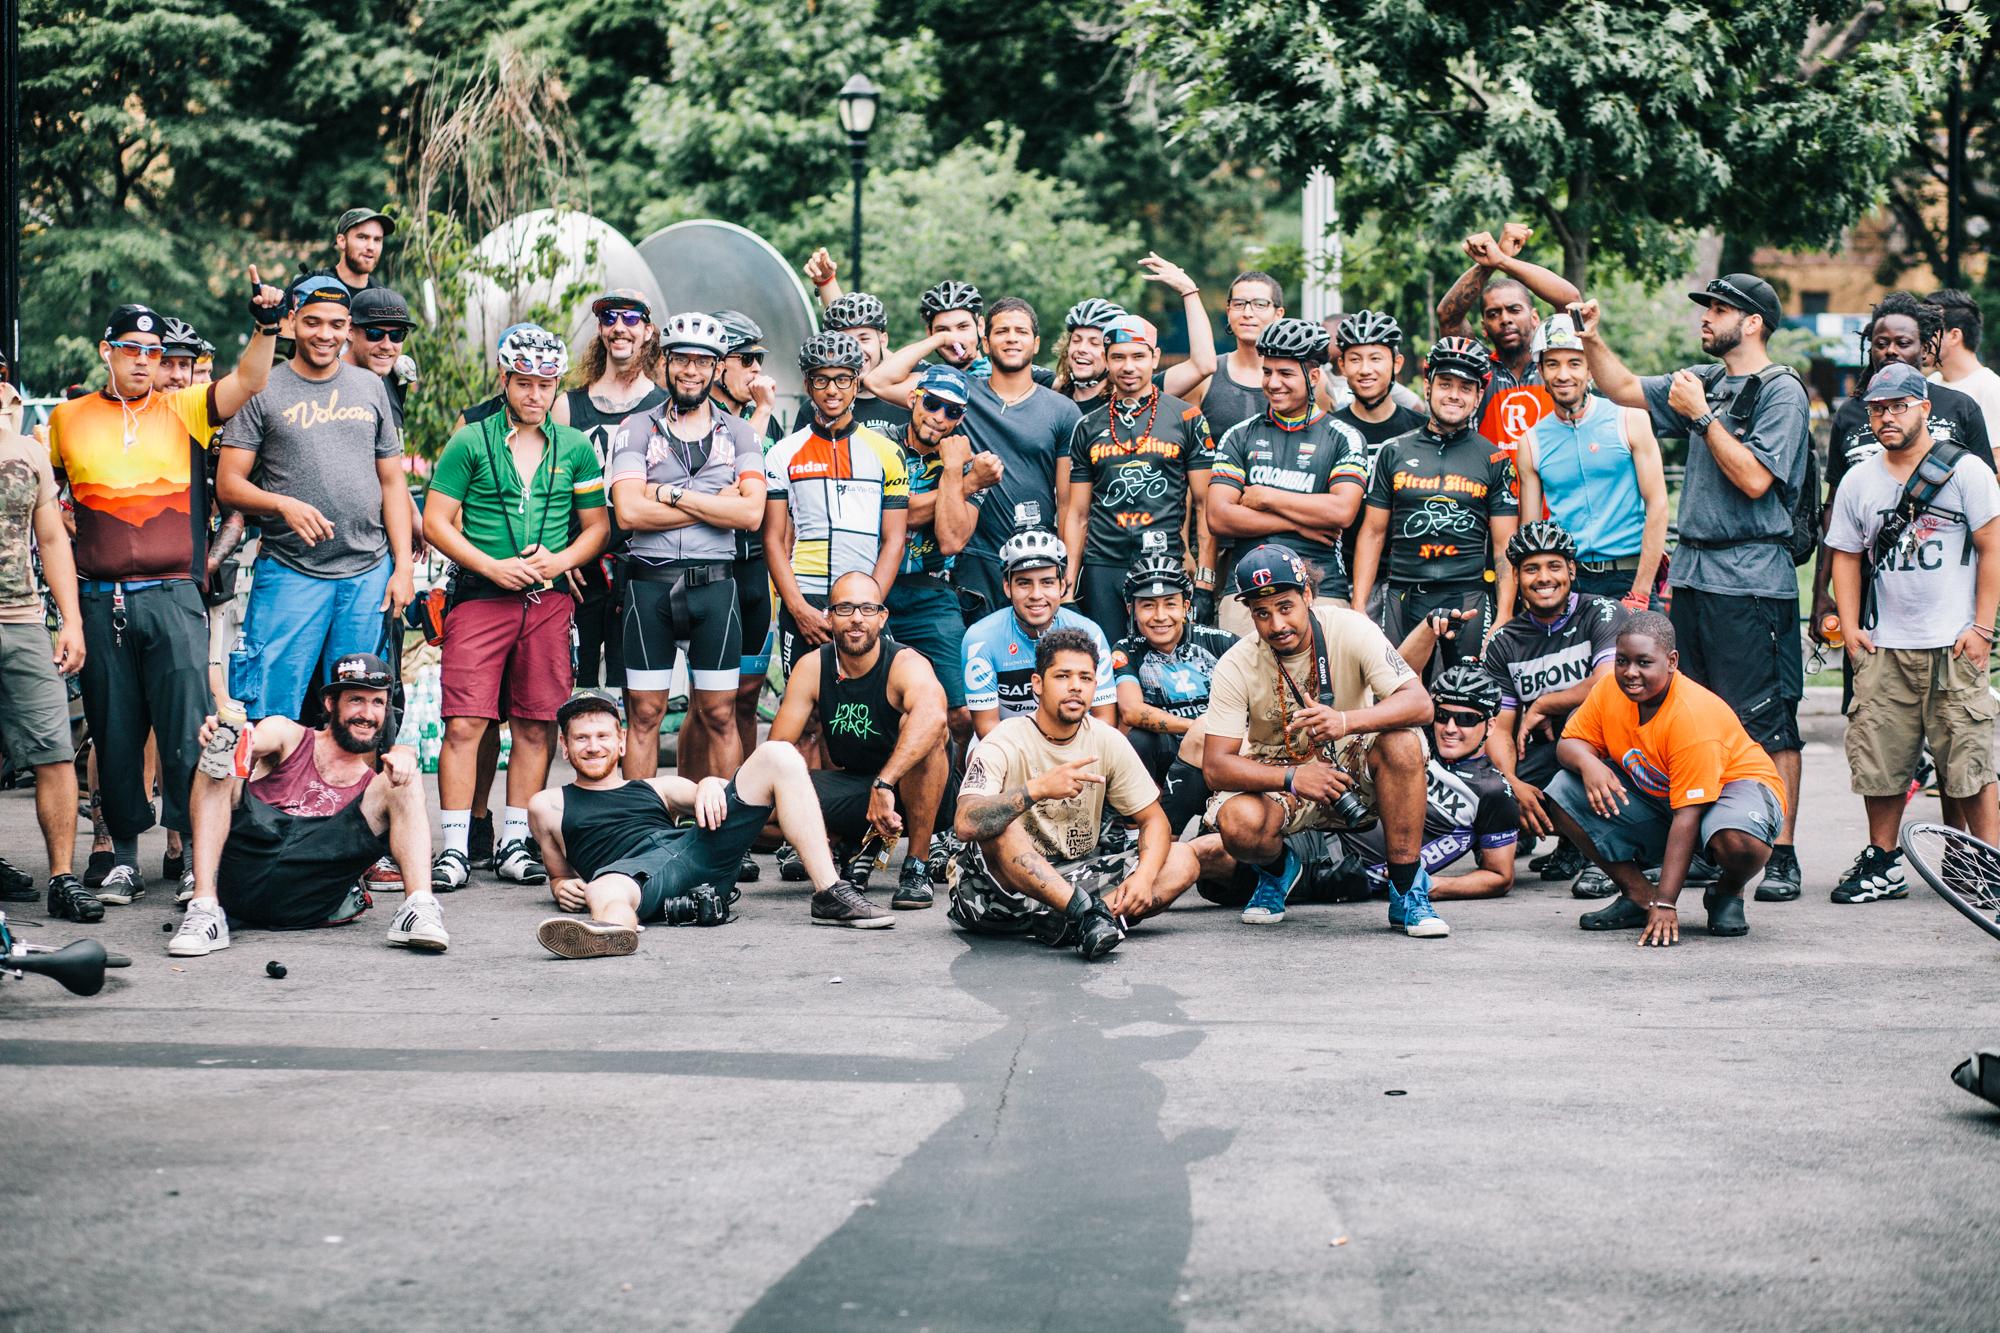 bikestyle-12.jpg